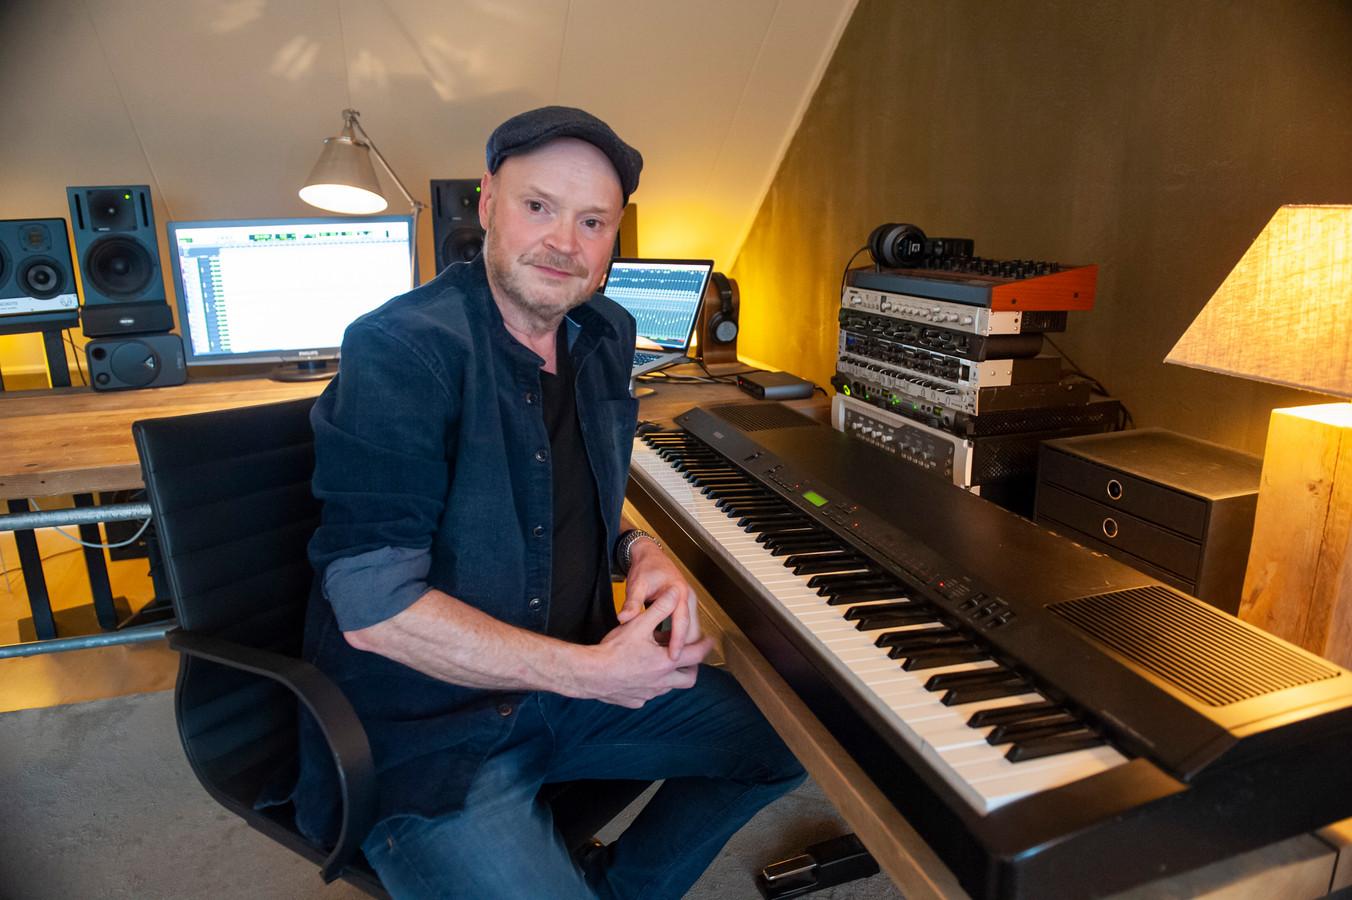 Den Bosch. Bas van den Heuvel uit 's-Hertogenbosch, muzikant, producer en muzikaal leider van diverse bekende Nederlandse artiesten